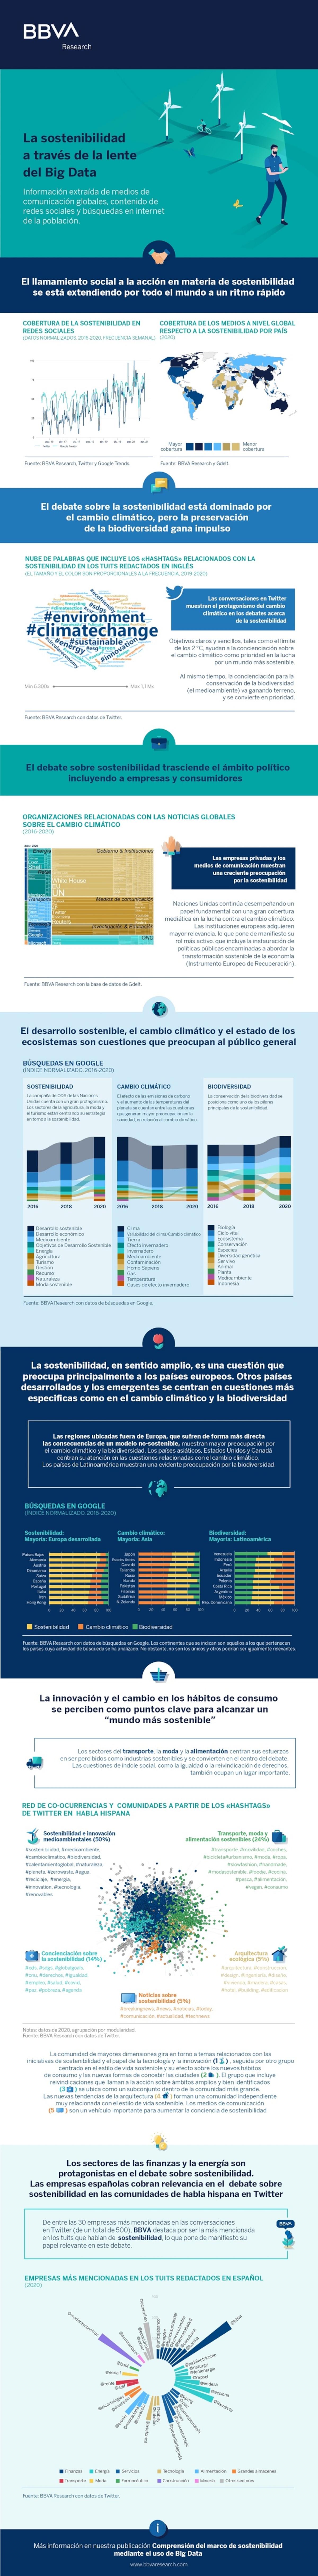 infografía-sostenibilidad-bbva-research-informe